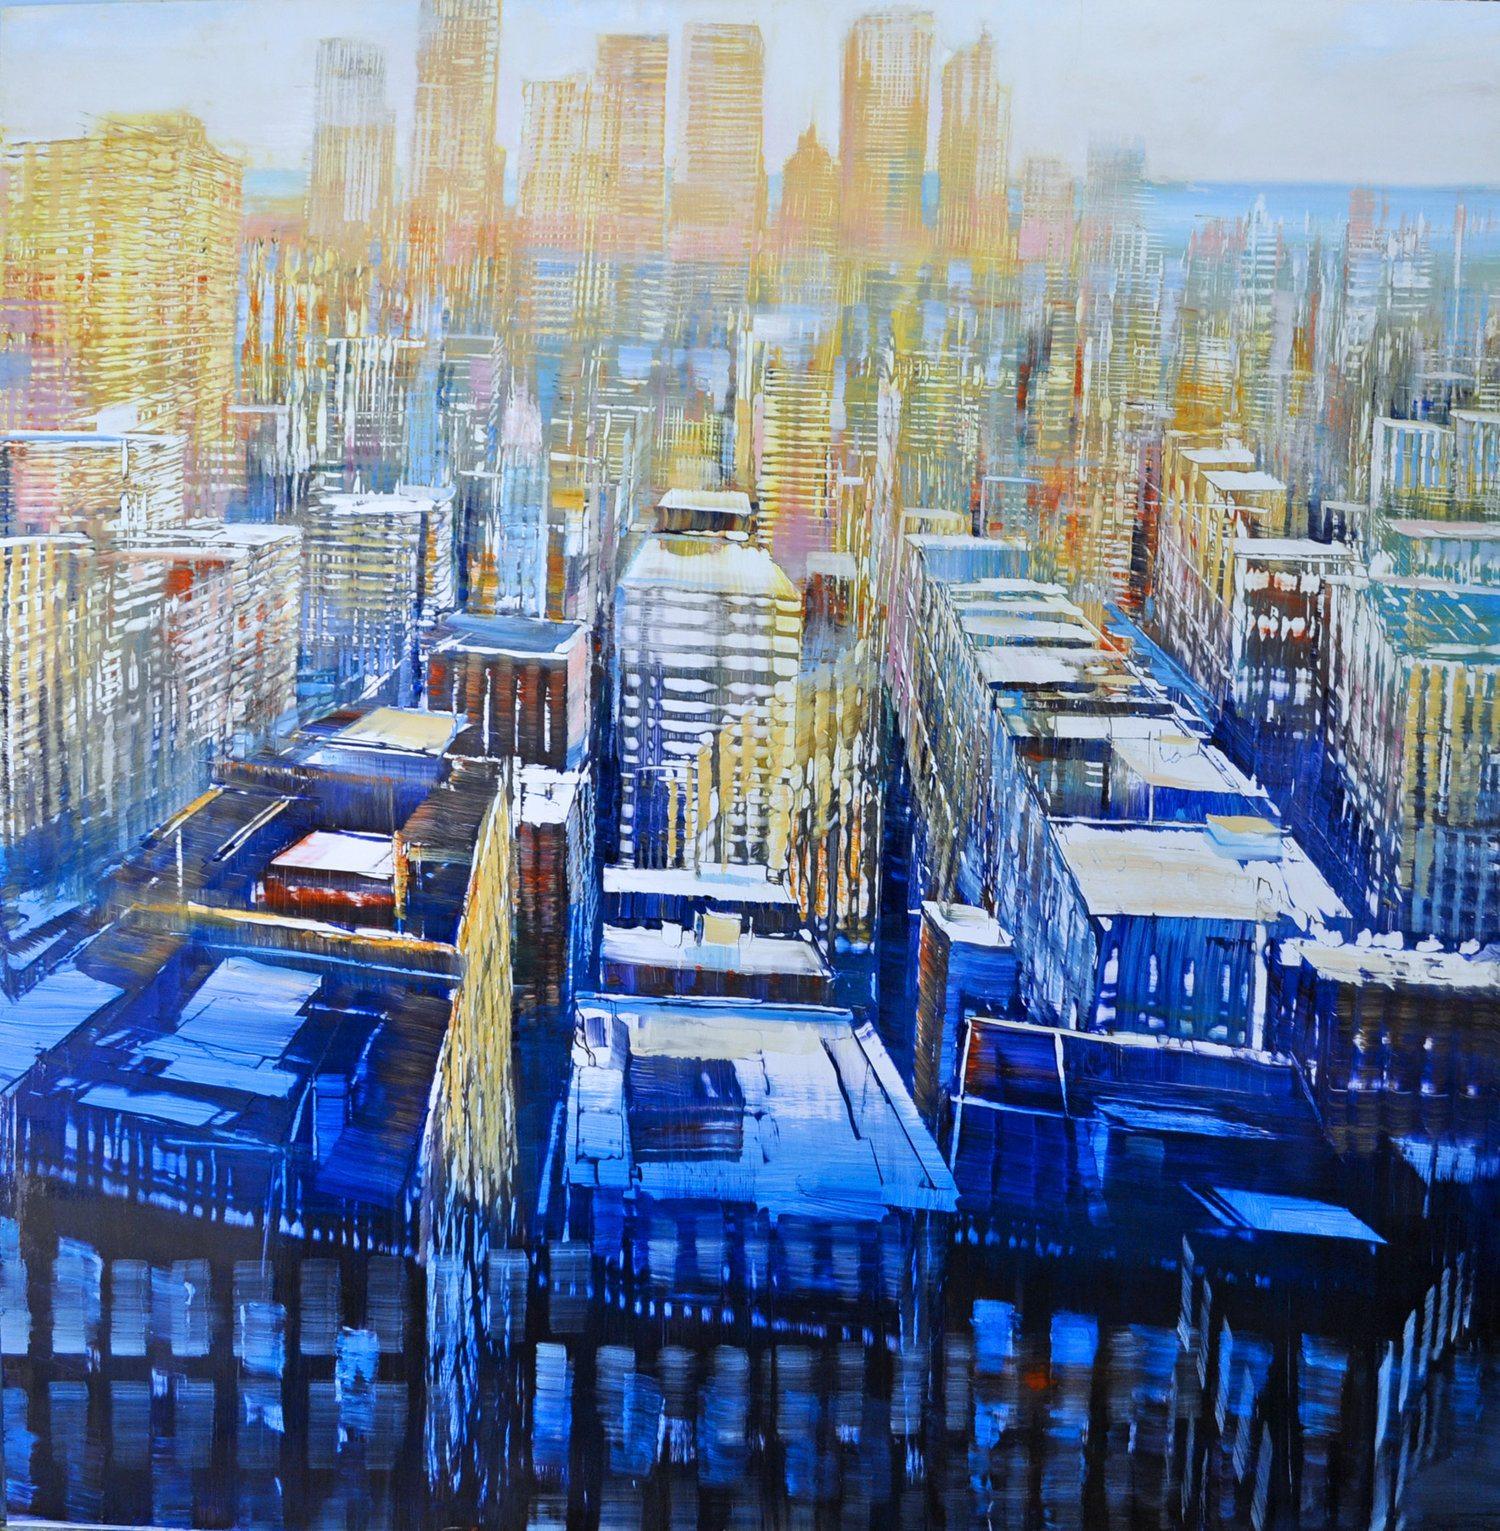 NYC - West Side Horizon Oil on enameled laminated aluminum 48x48